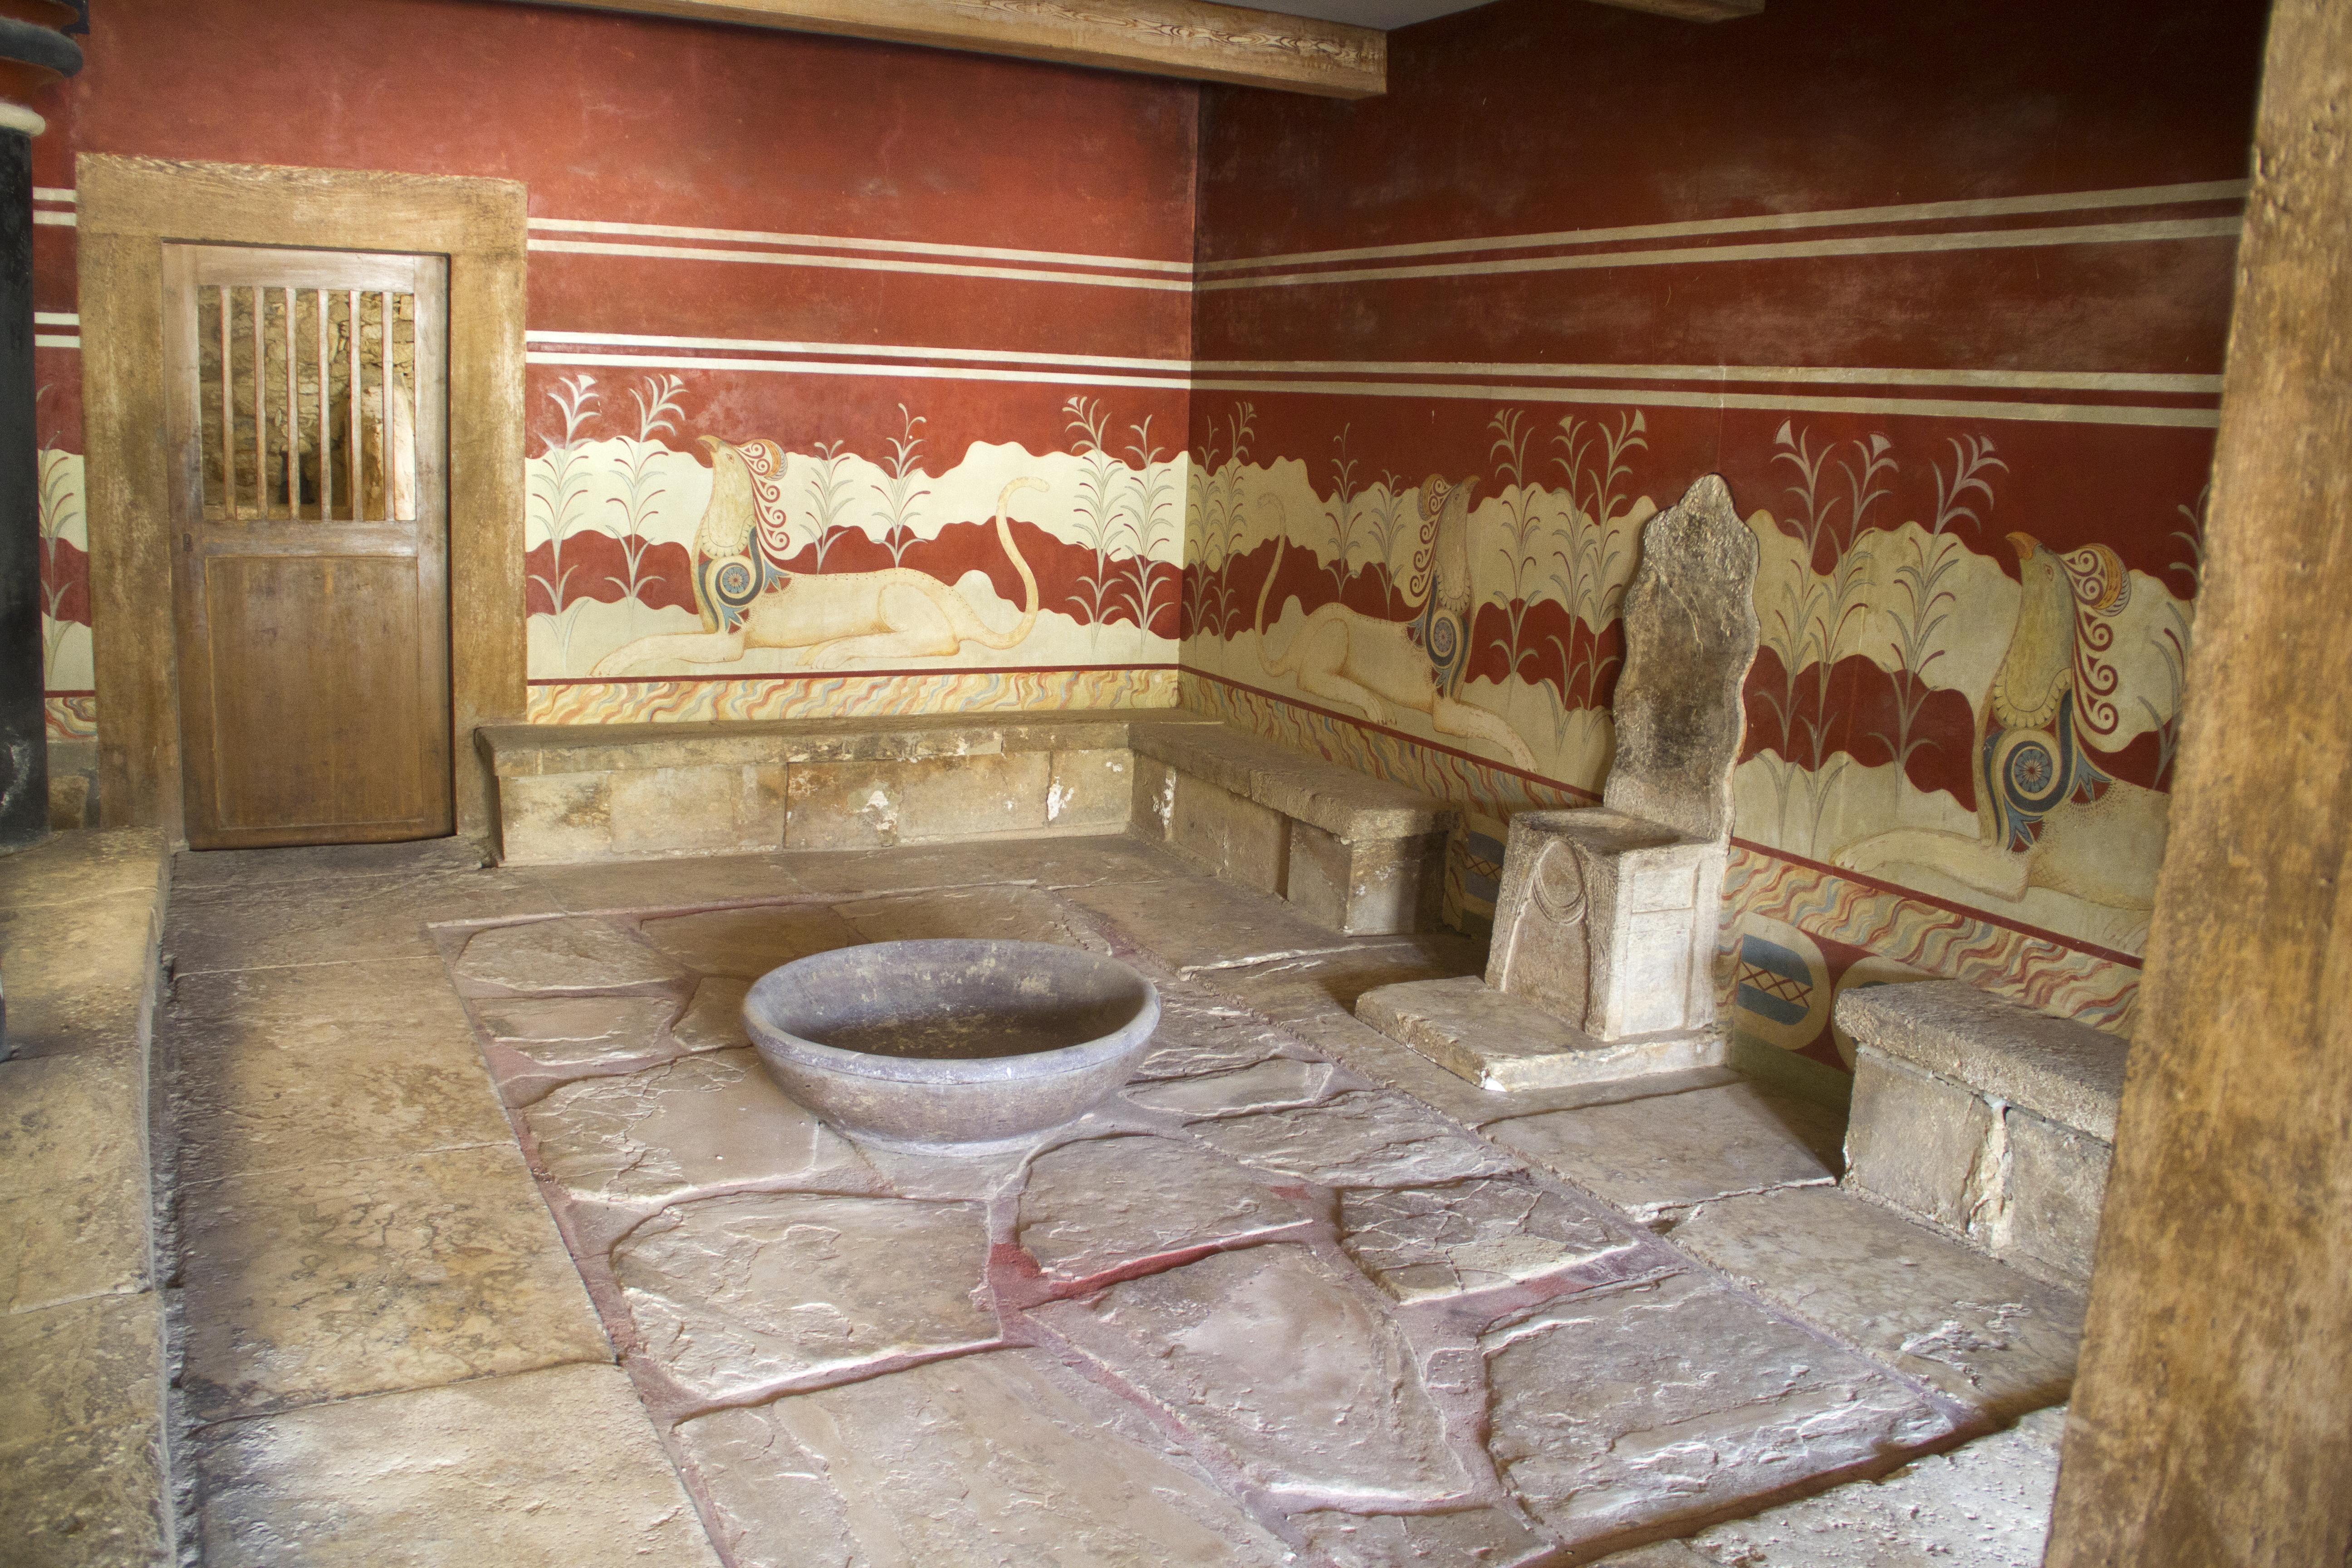 Visita el corazón de la civilización minoica - Grecia Circuito Atenas y crucero por Islas Griegas